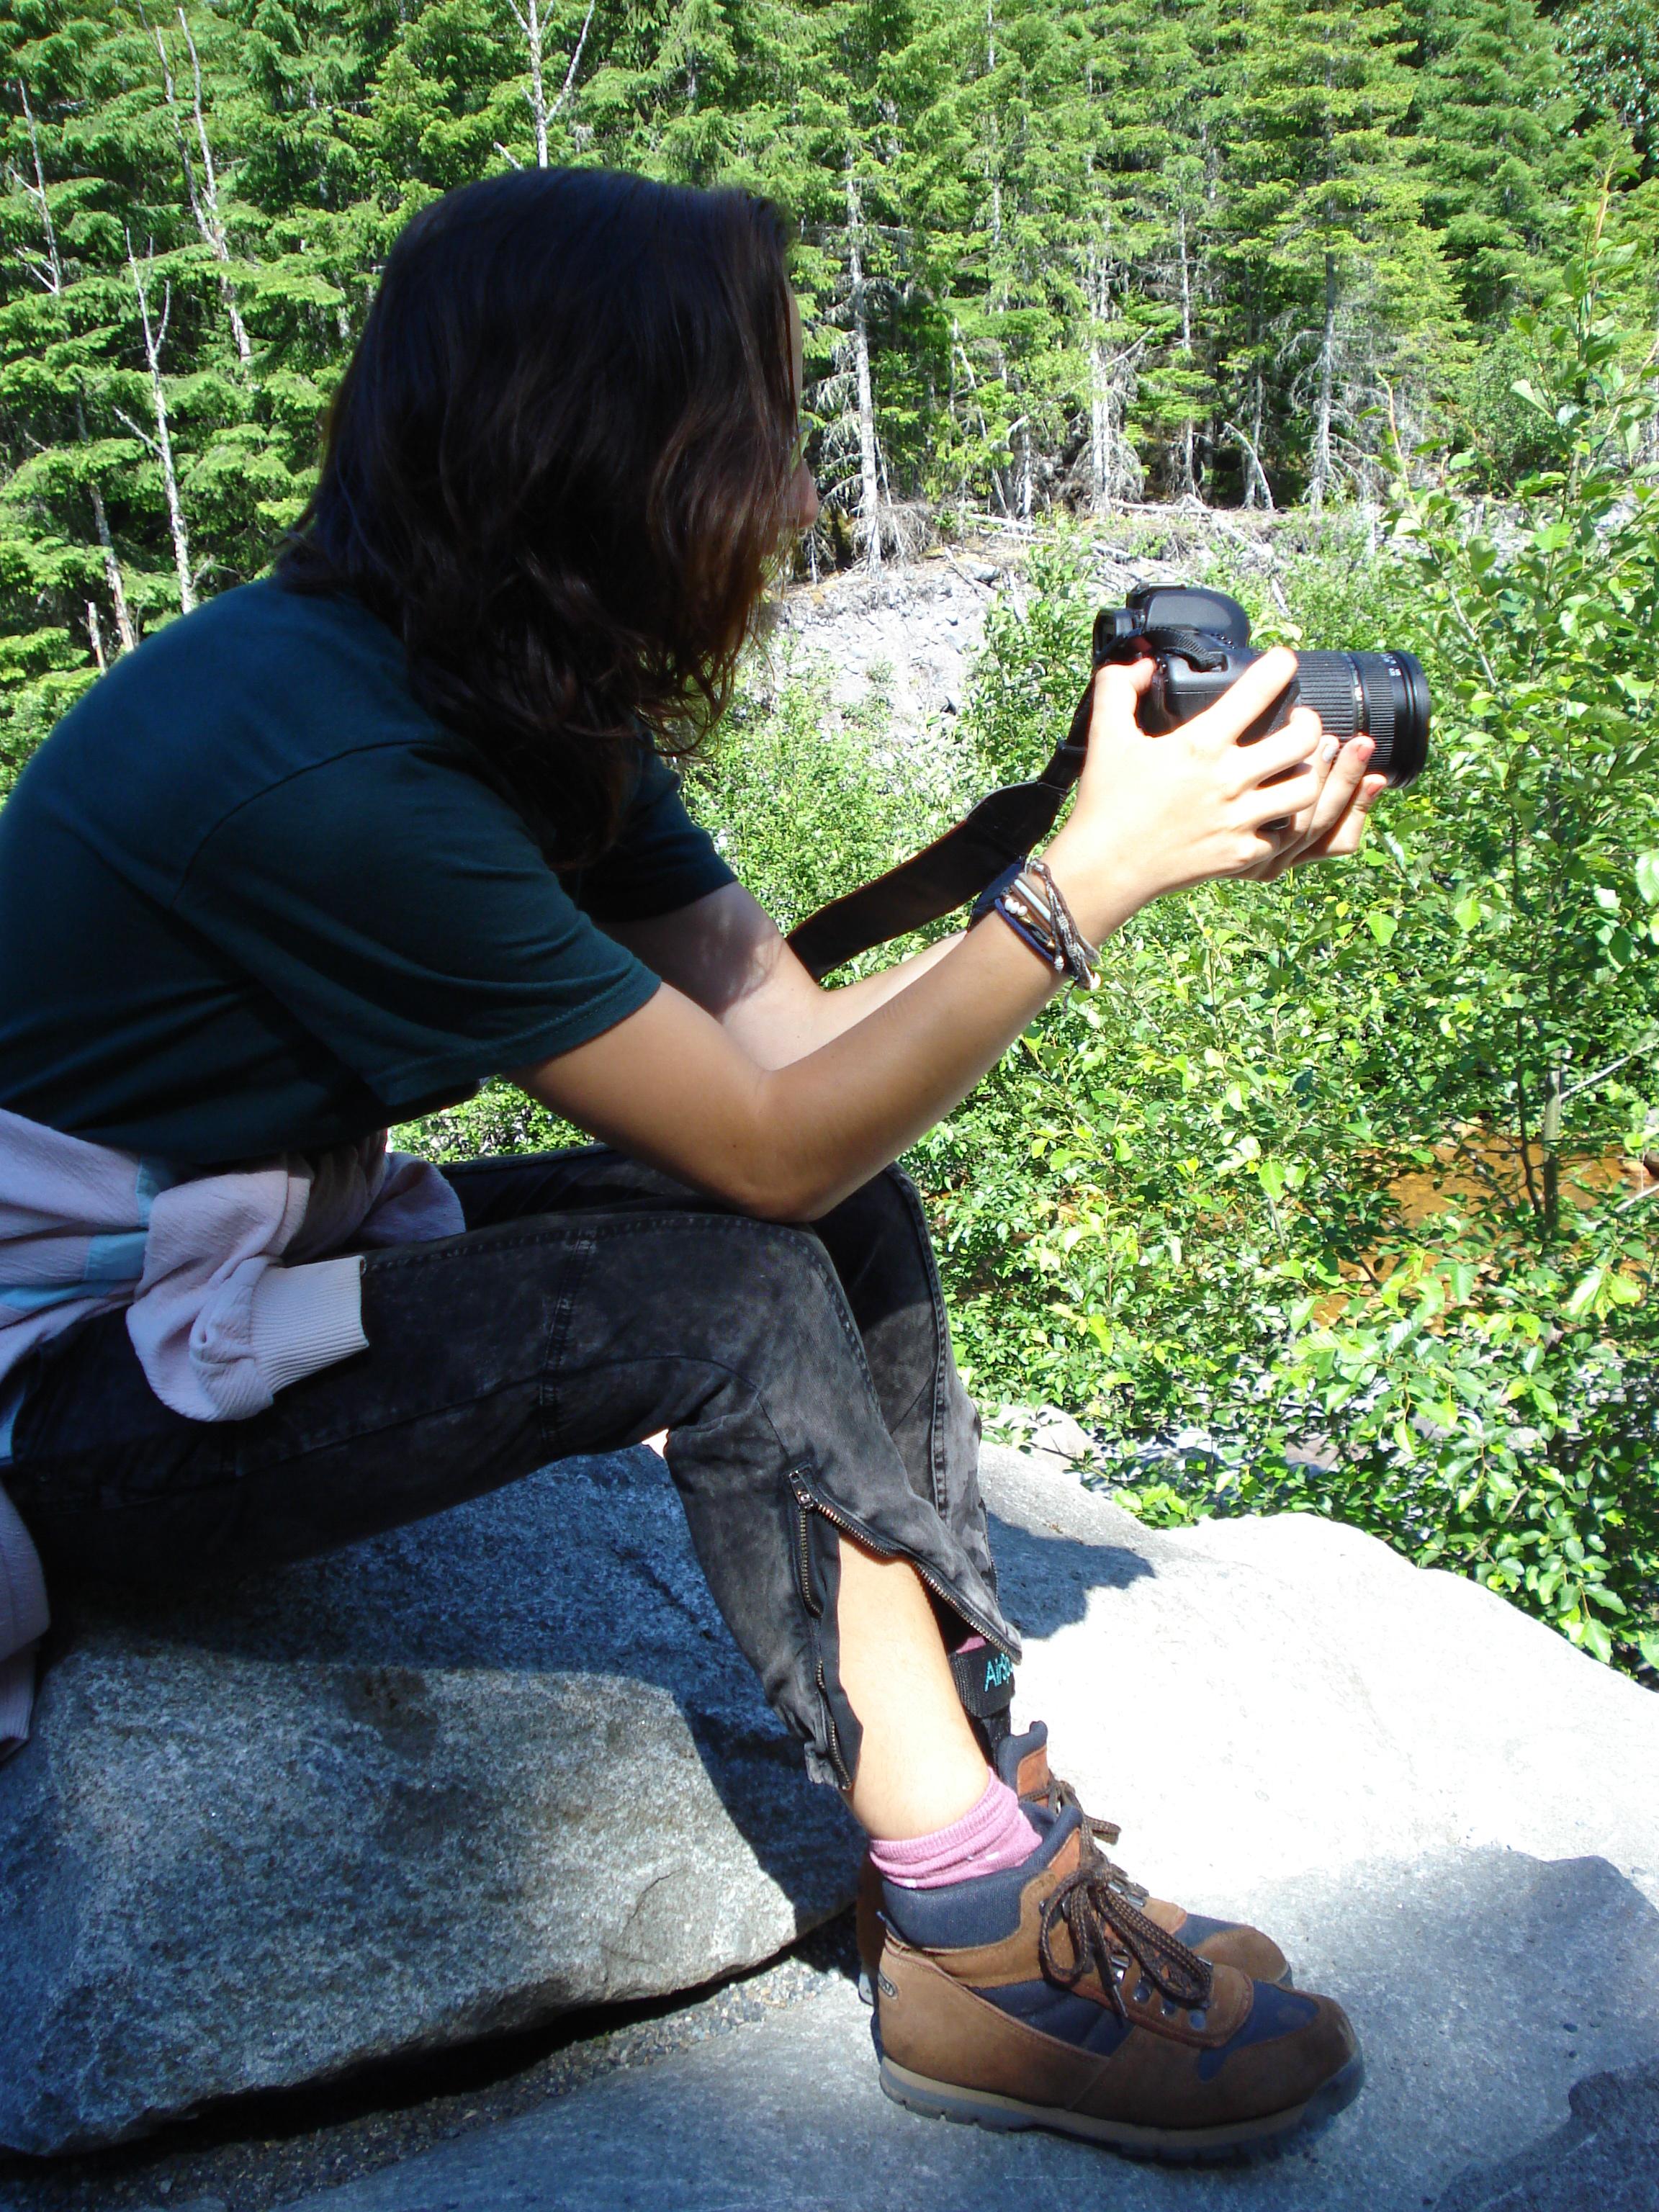 PiperCamera